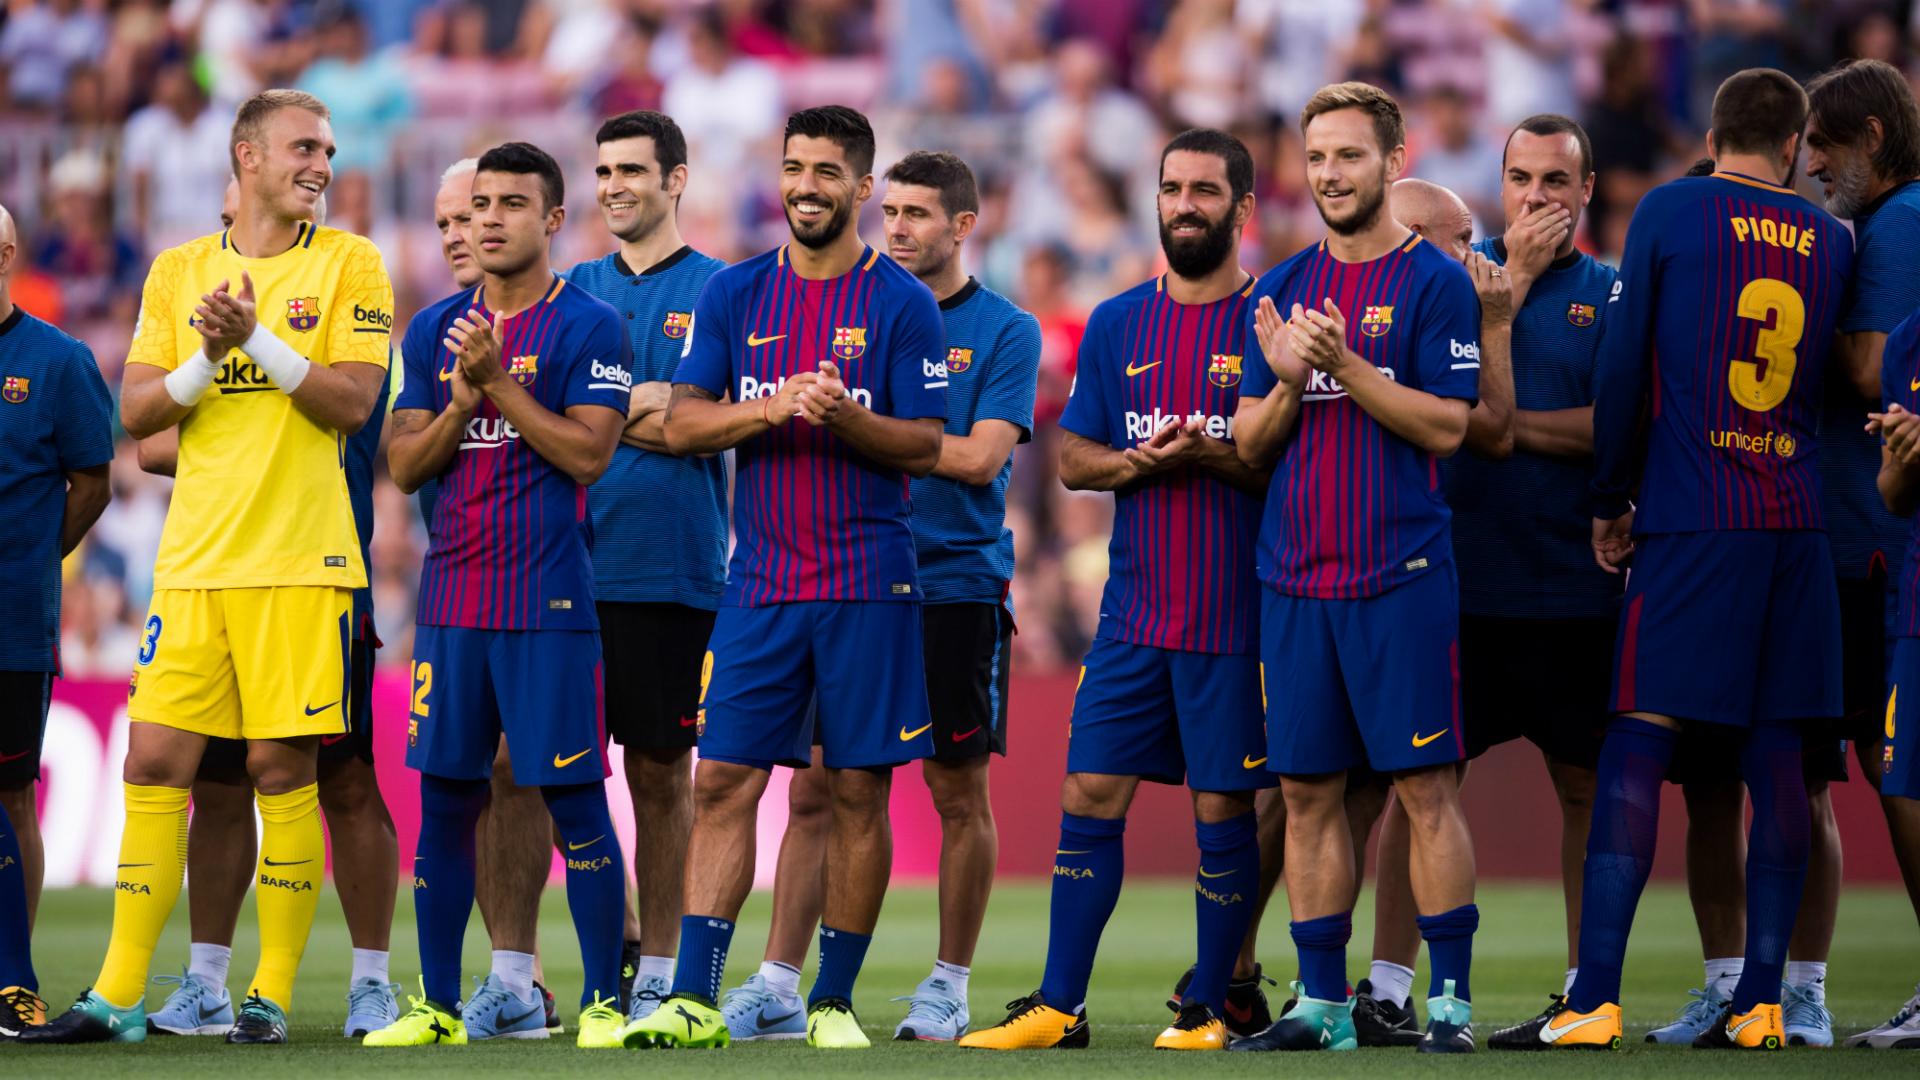 بالصور صور فريق برشلونة , معلومات عن برشلونه 5372